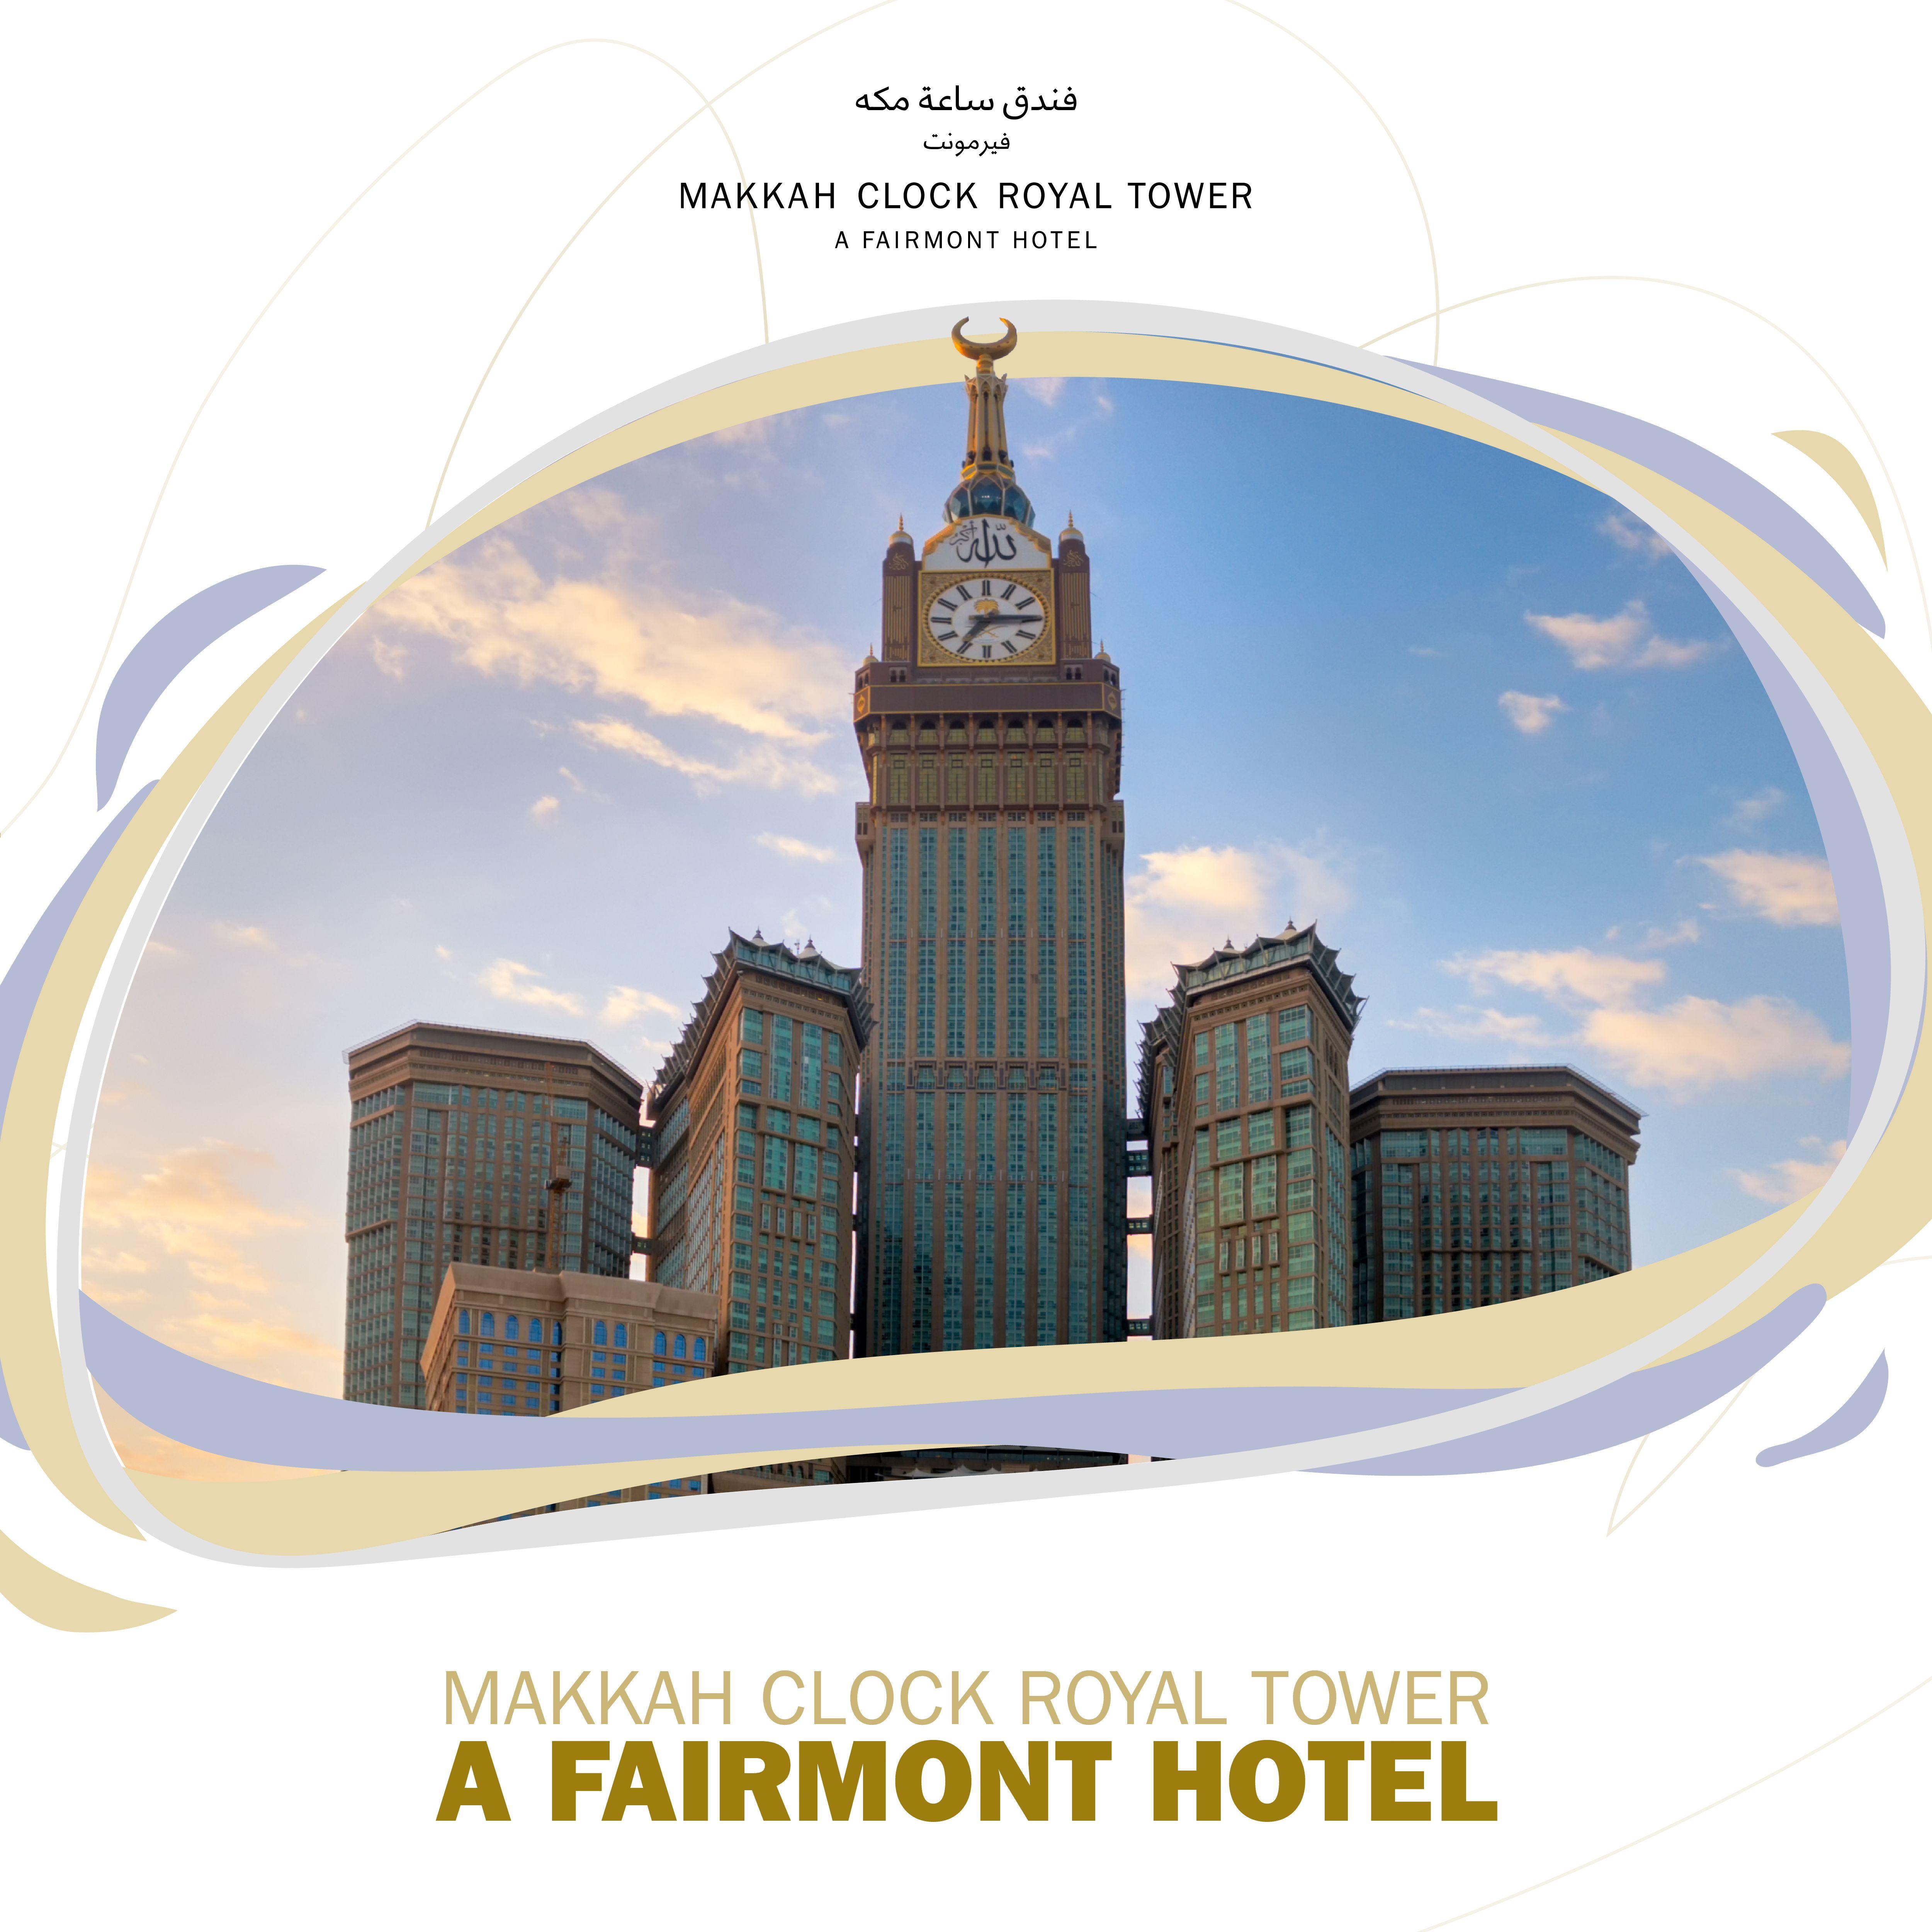 Fairmont Makkah Hotel Fairmont Hotel Hotel Fairmont